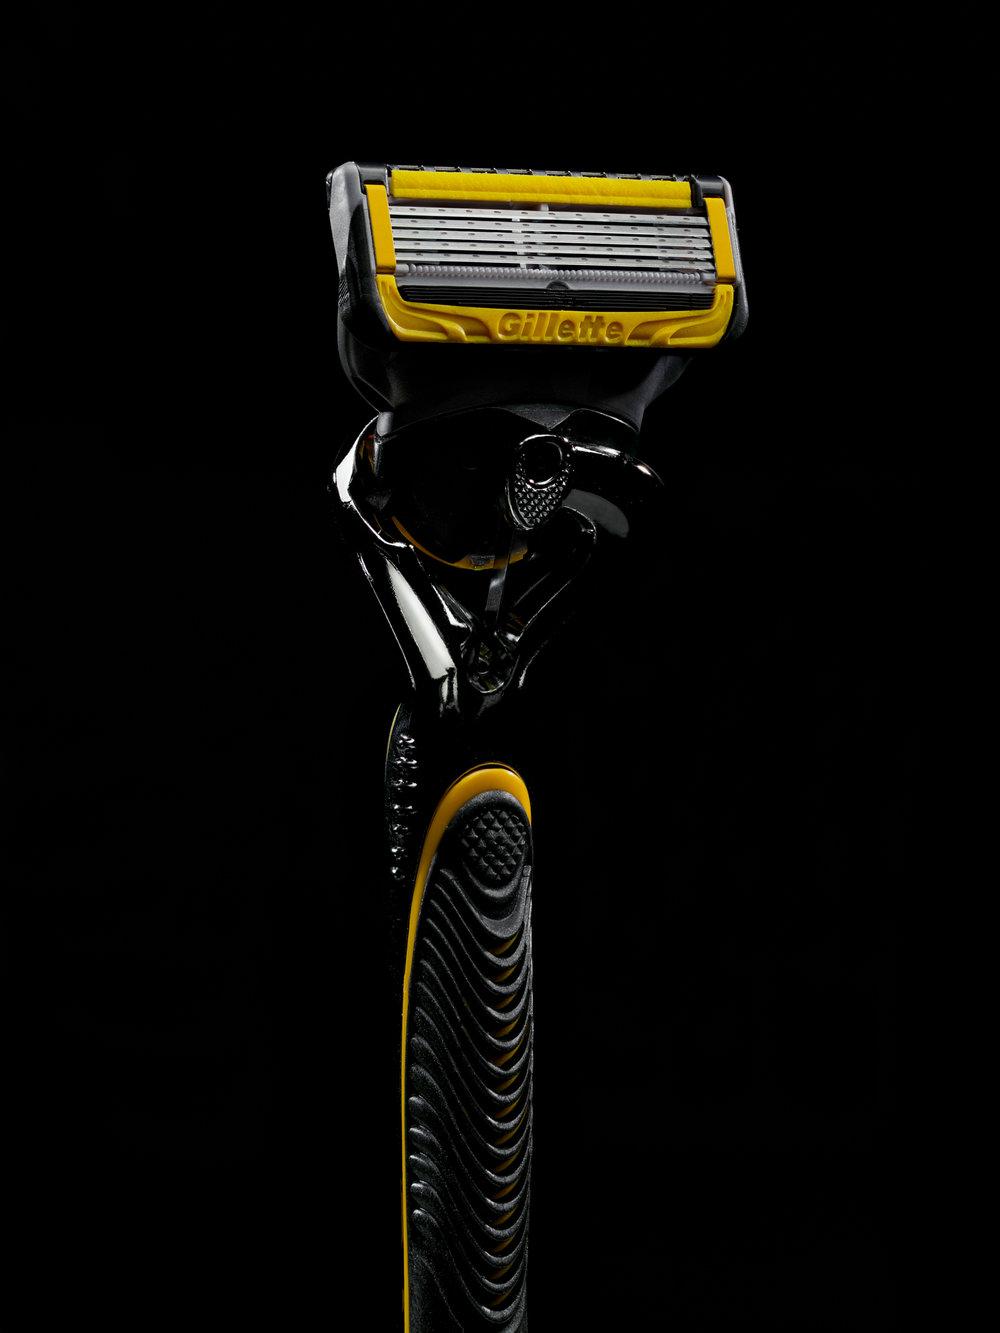 Gillette1.jpg